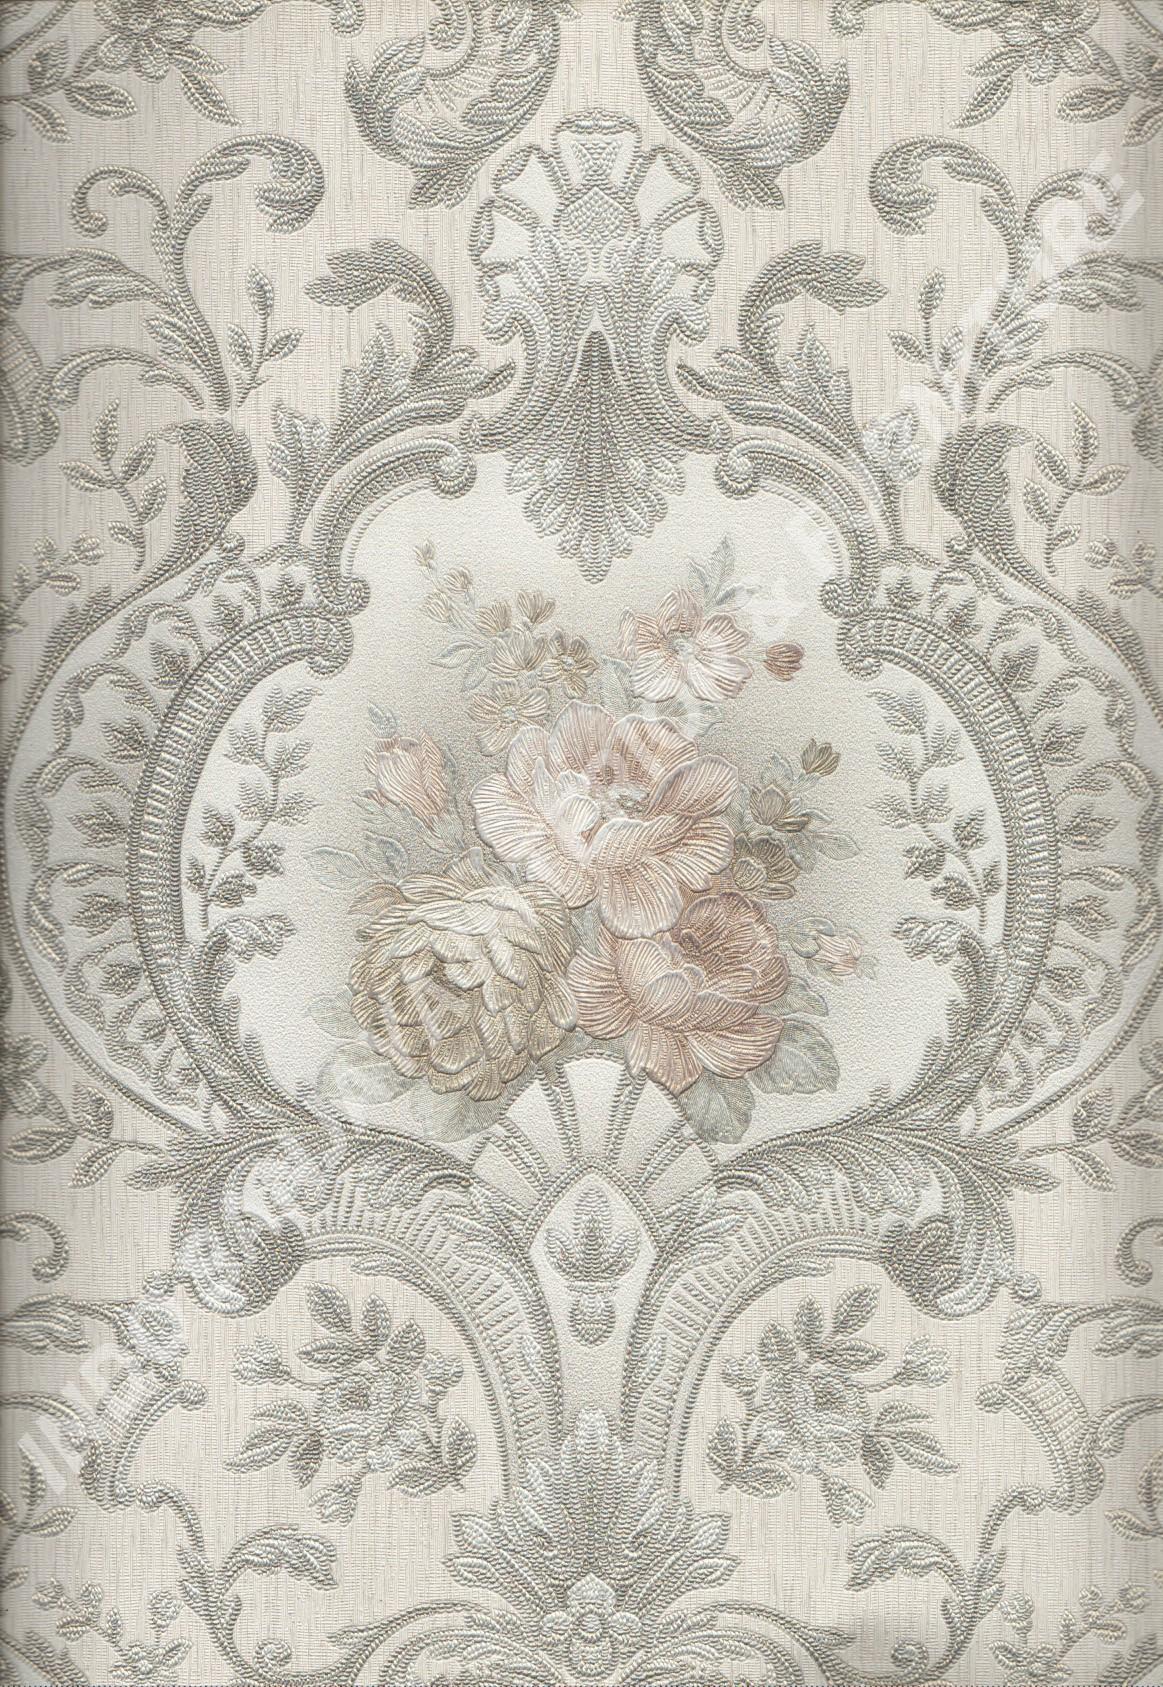 wallpaper   Wallpaper Bunga 4003-1:4003-1 corak  warna